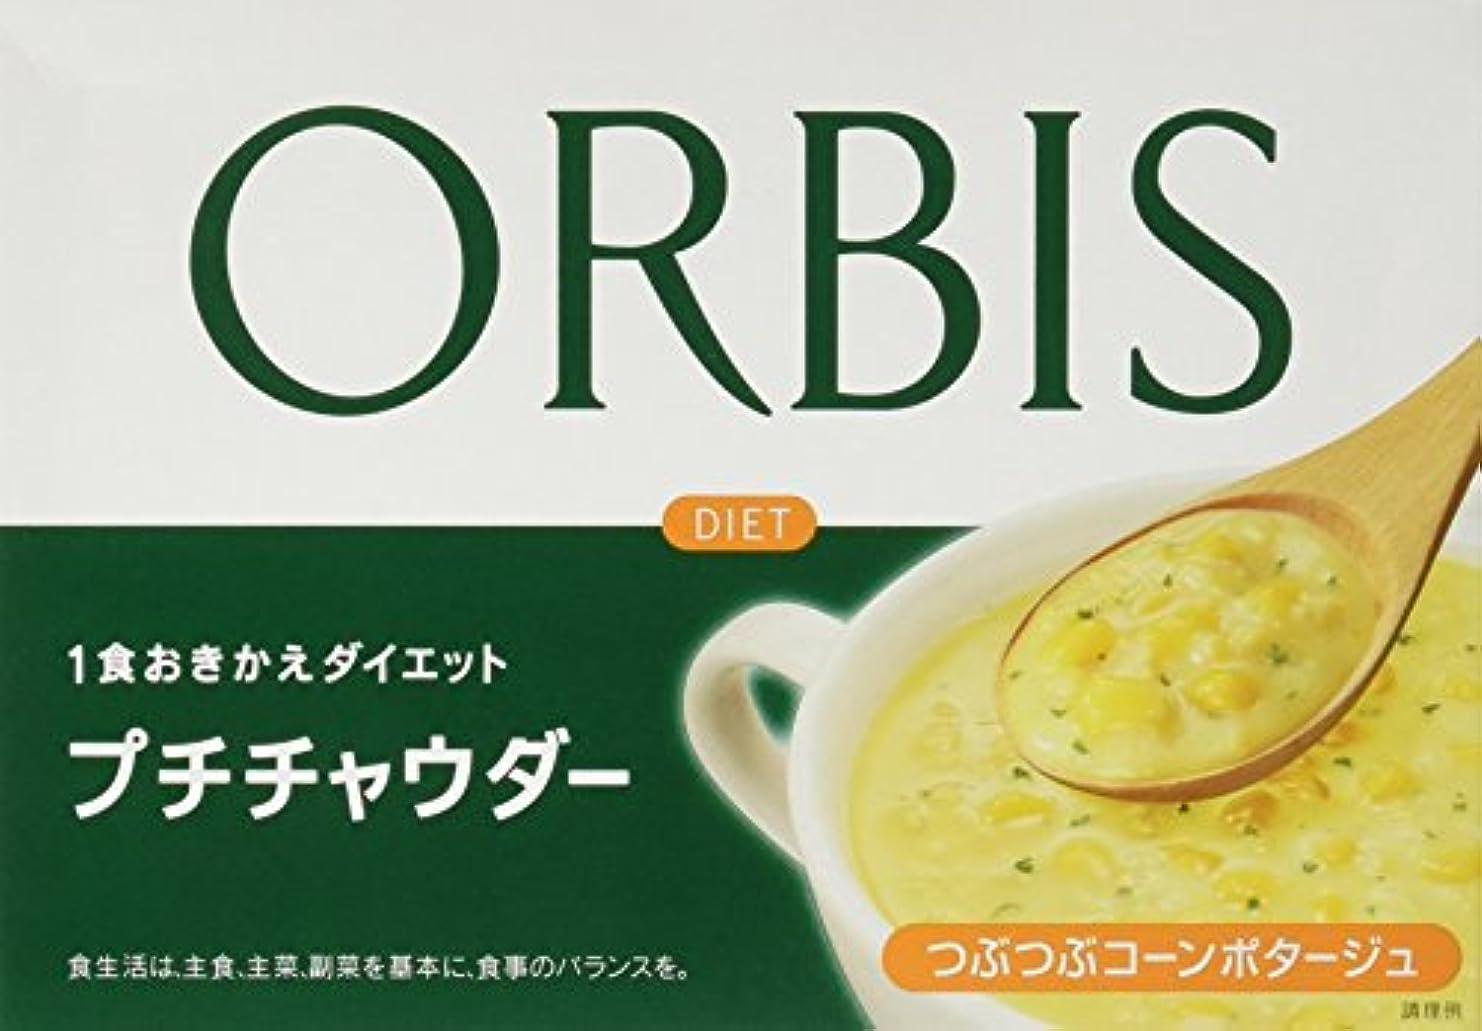 メールを書くパトロン夕暮れオルビス(ORBIS) プチチャウダー つぶつぶコーンポタージュ 34.0g×7食分 ◎ダイエットスープ◎ 1食分123kcal